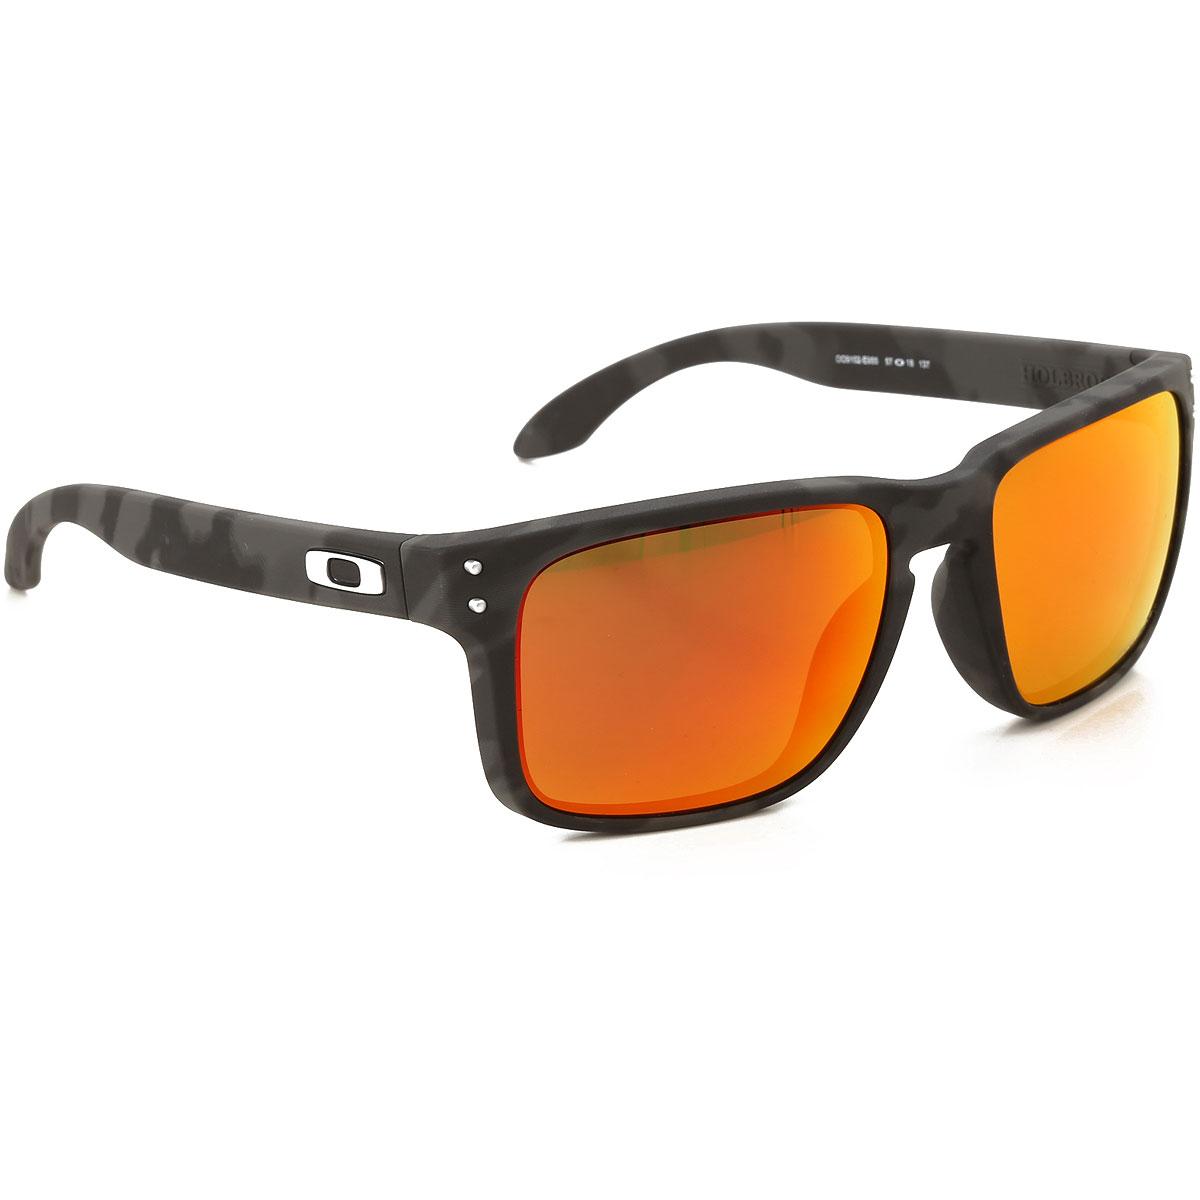 167c7f40f3b Oakley. Sunglasses